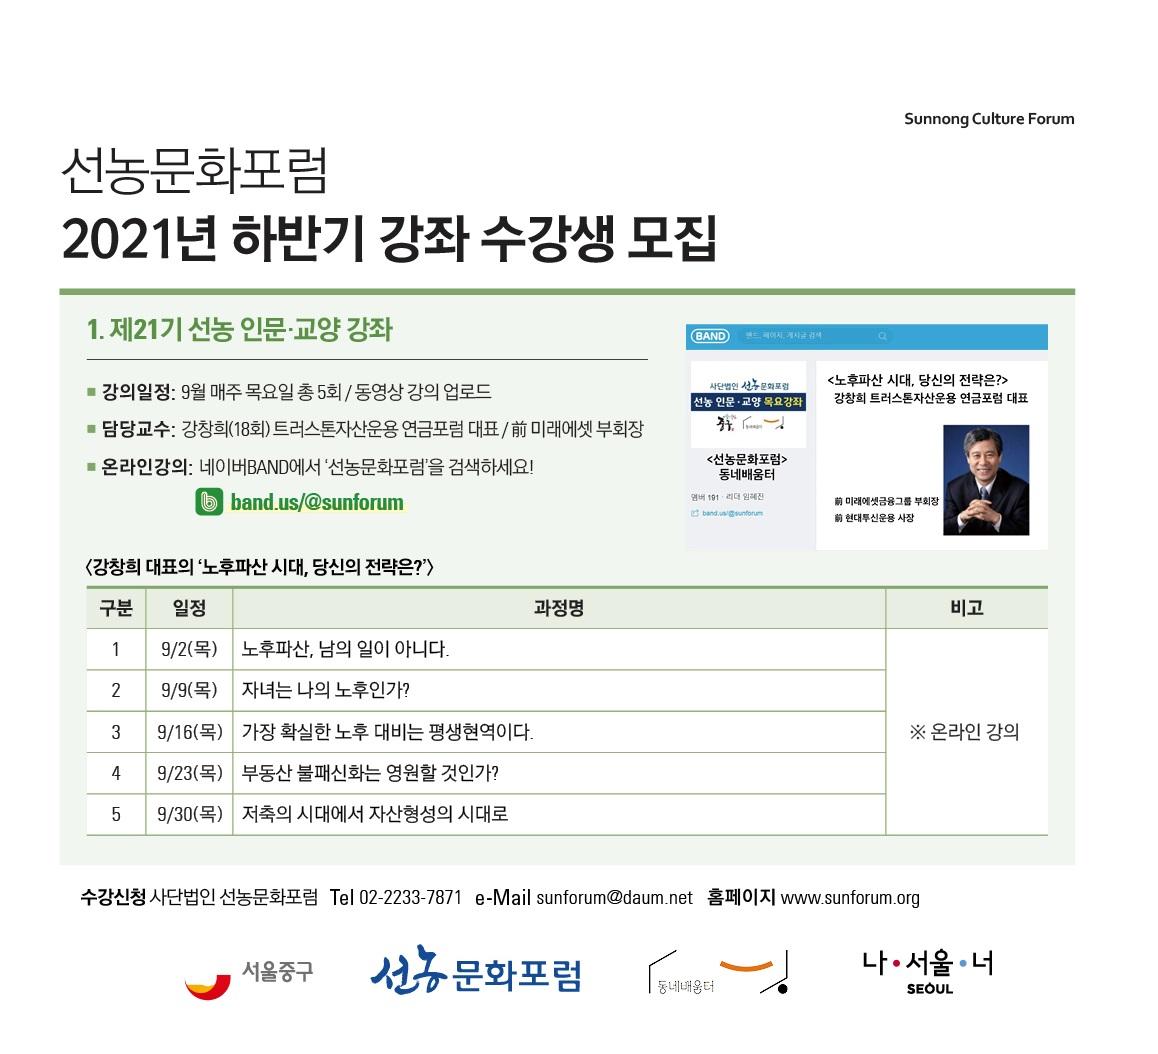 선농_제21기수강생모집_사대부고_편집용.jpg